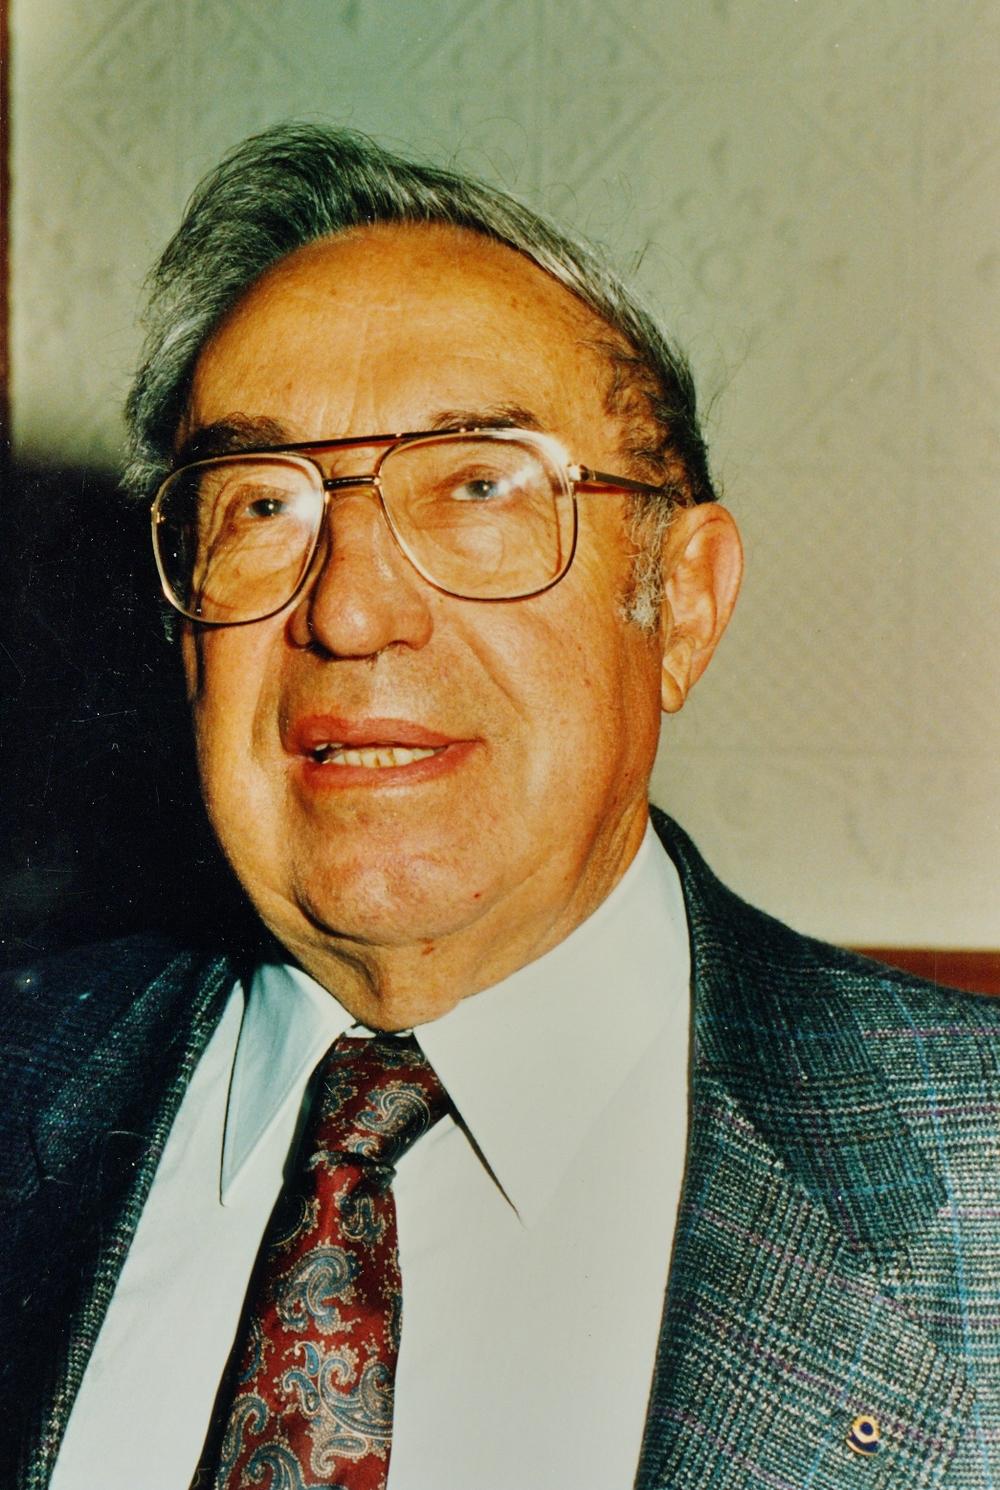 Dr. Herbert Garfield Parkin